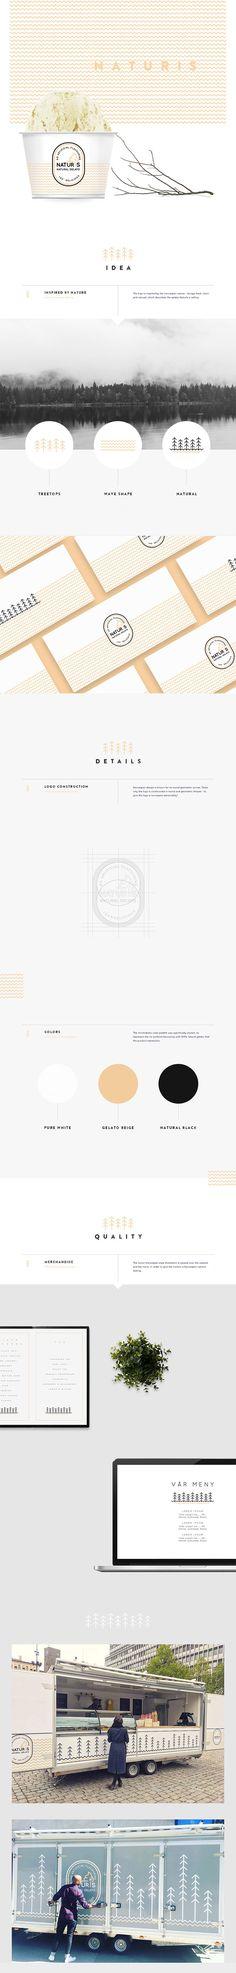 Naturis by Austli Design